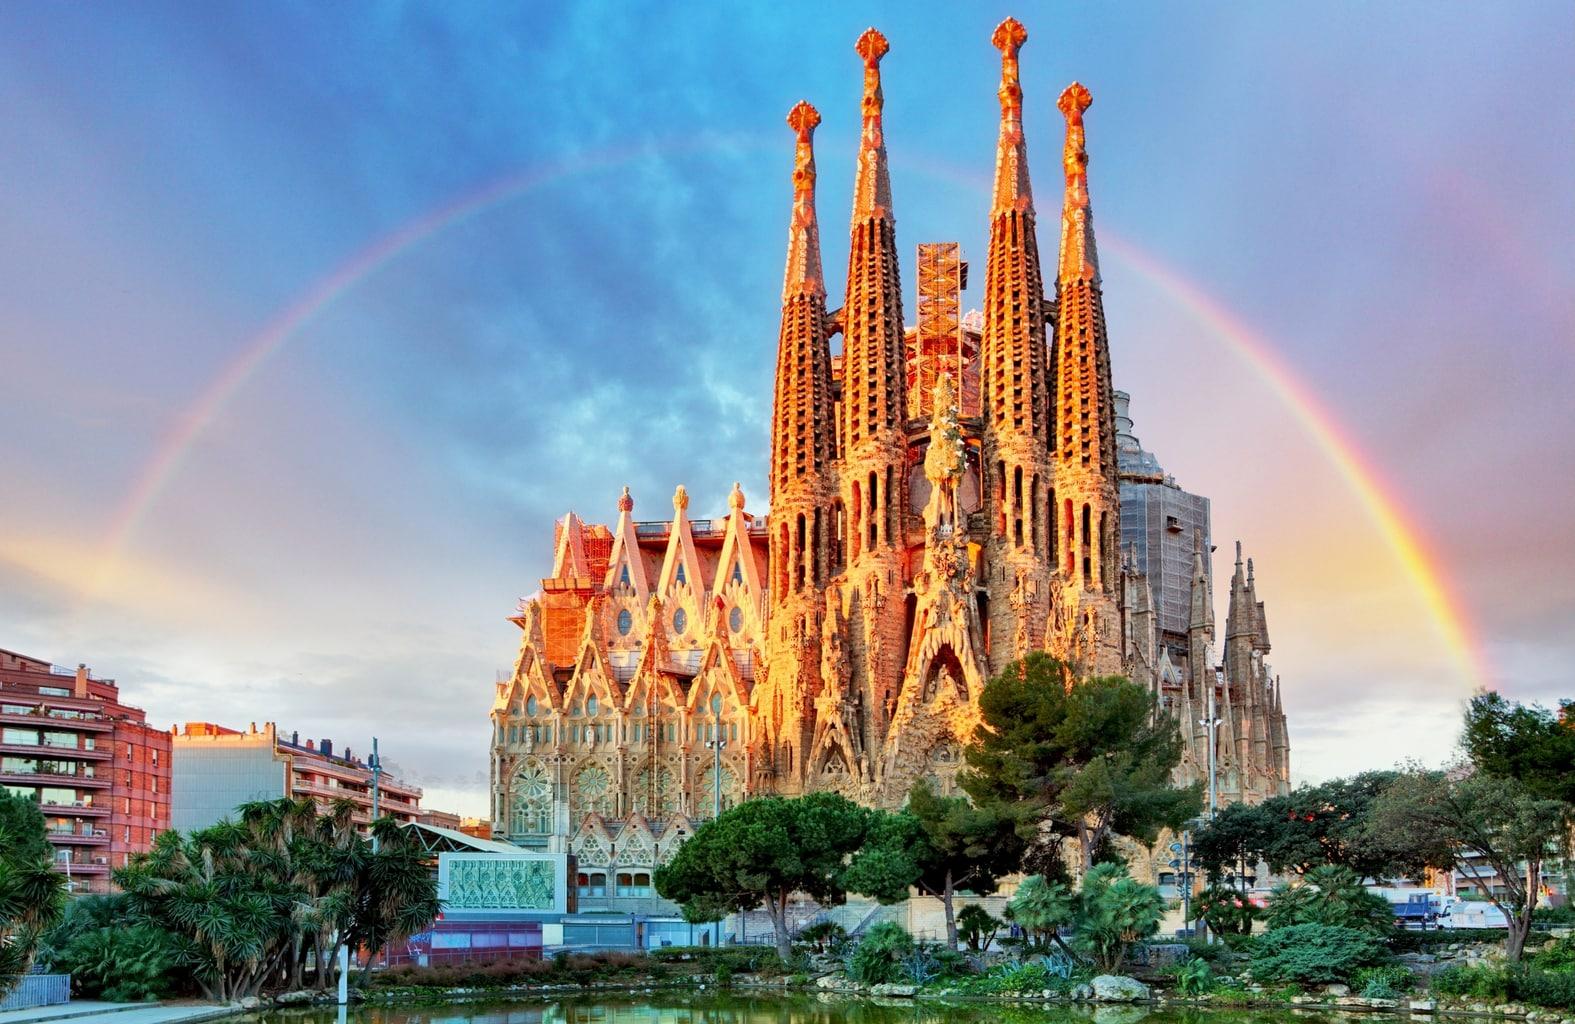 Outside Sagrada Familia